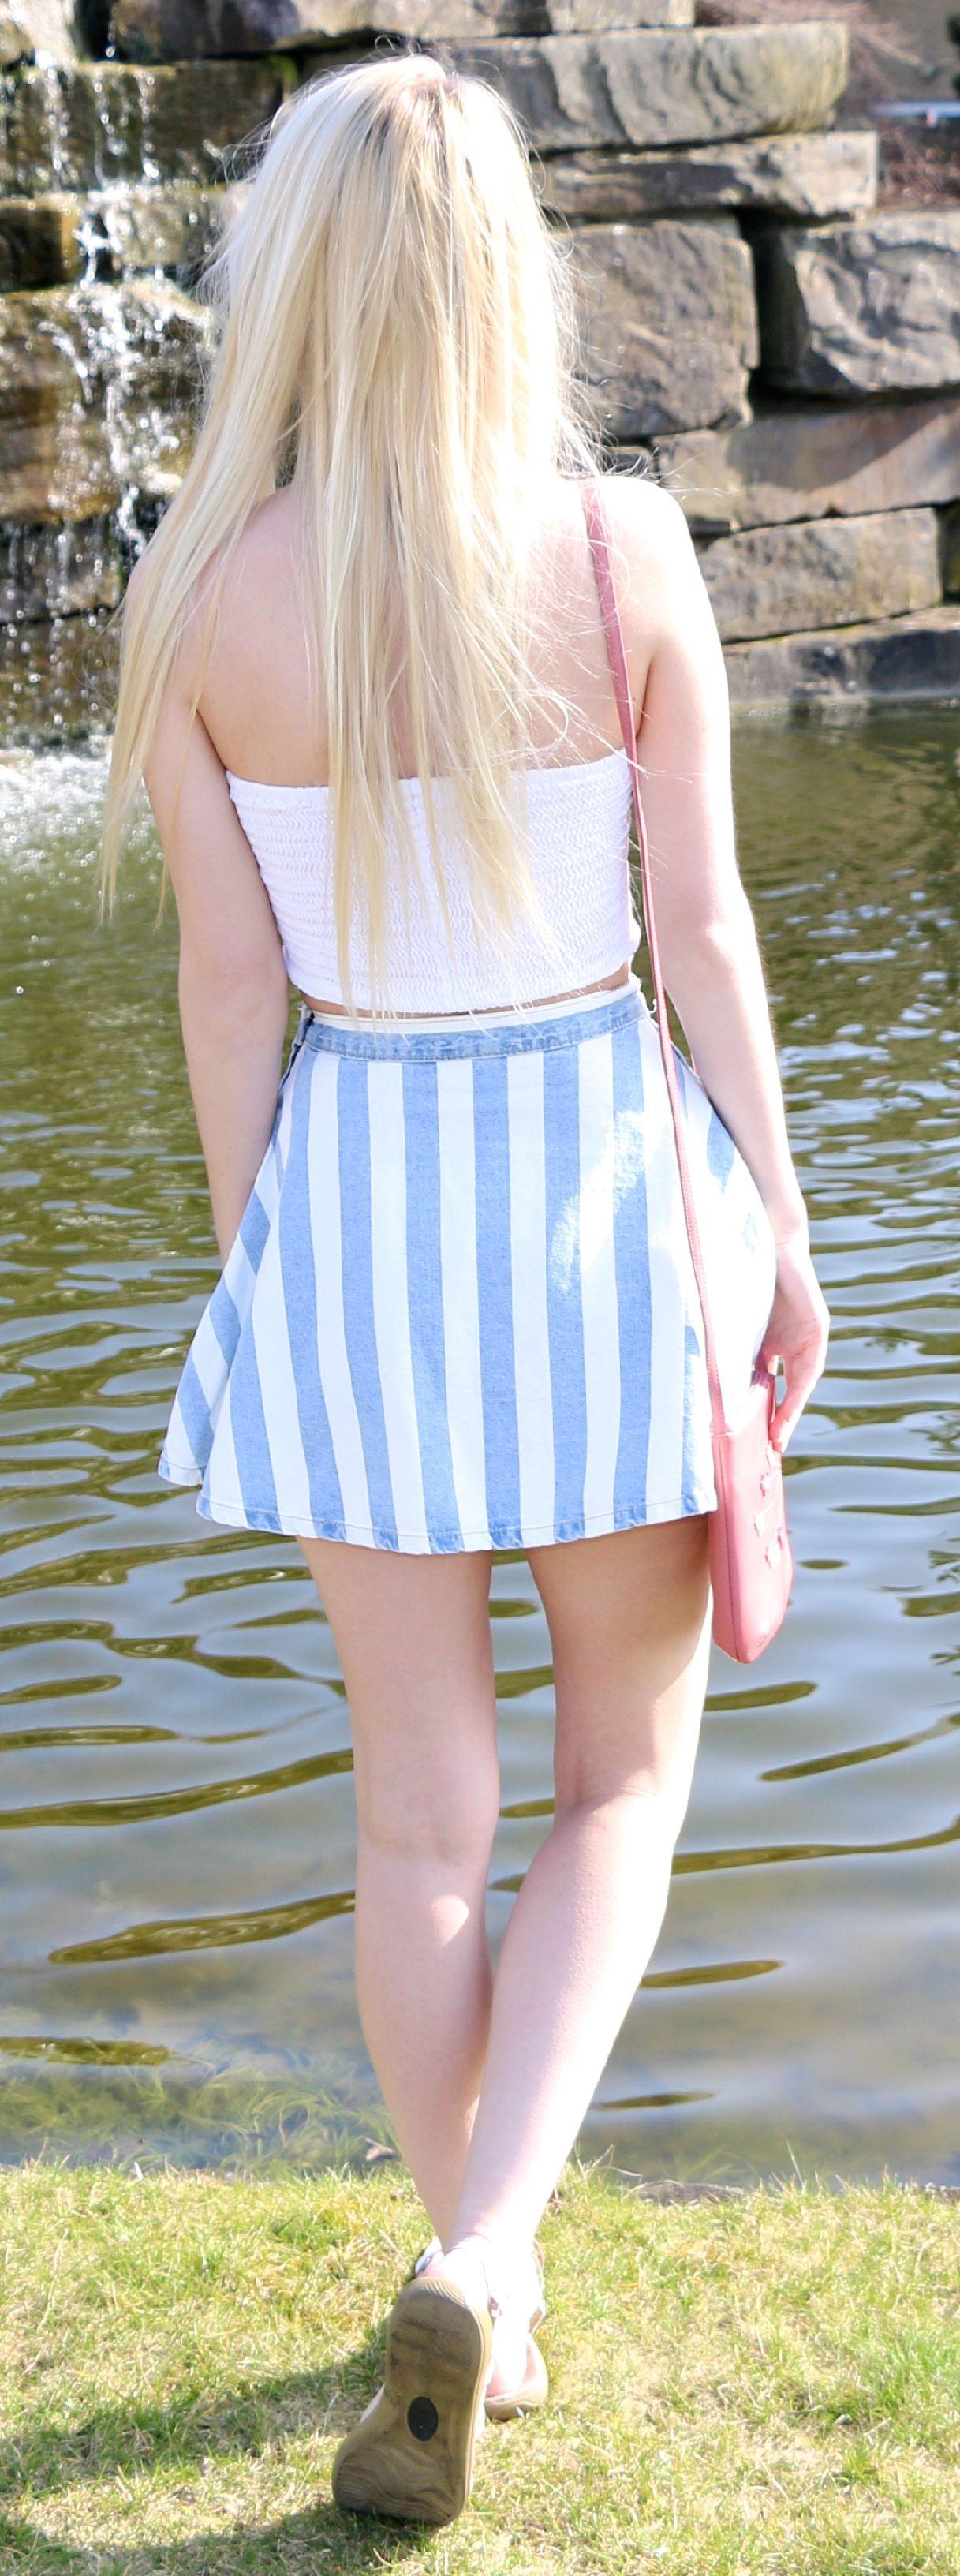 white ribbed bandeau, candy striped denim skater skirt, pink radley bag - summer fashion